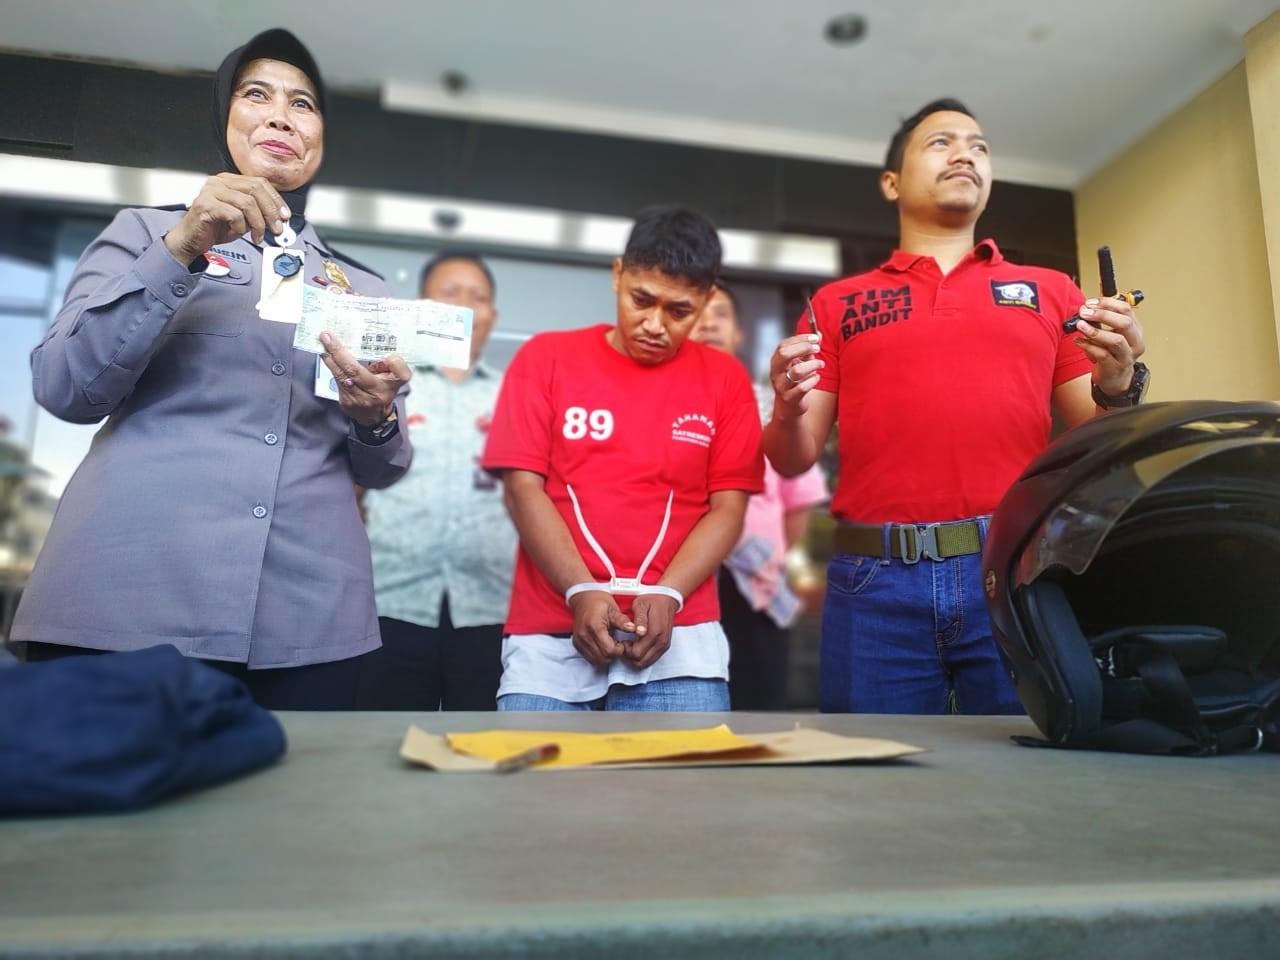 Resmob Polrestabes Surabaya Bekuk Spesialis Pencuri Motor